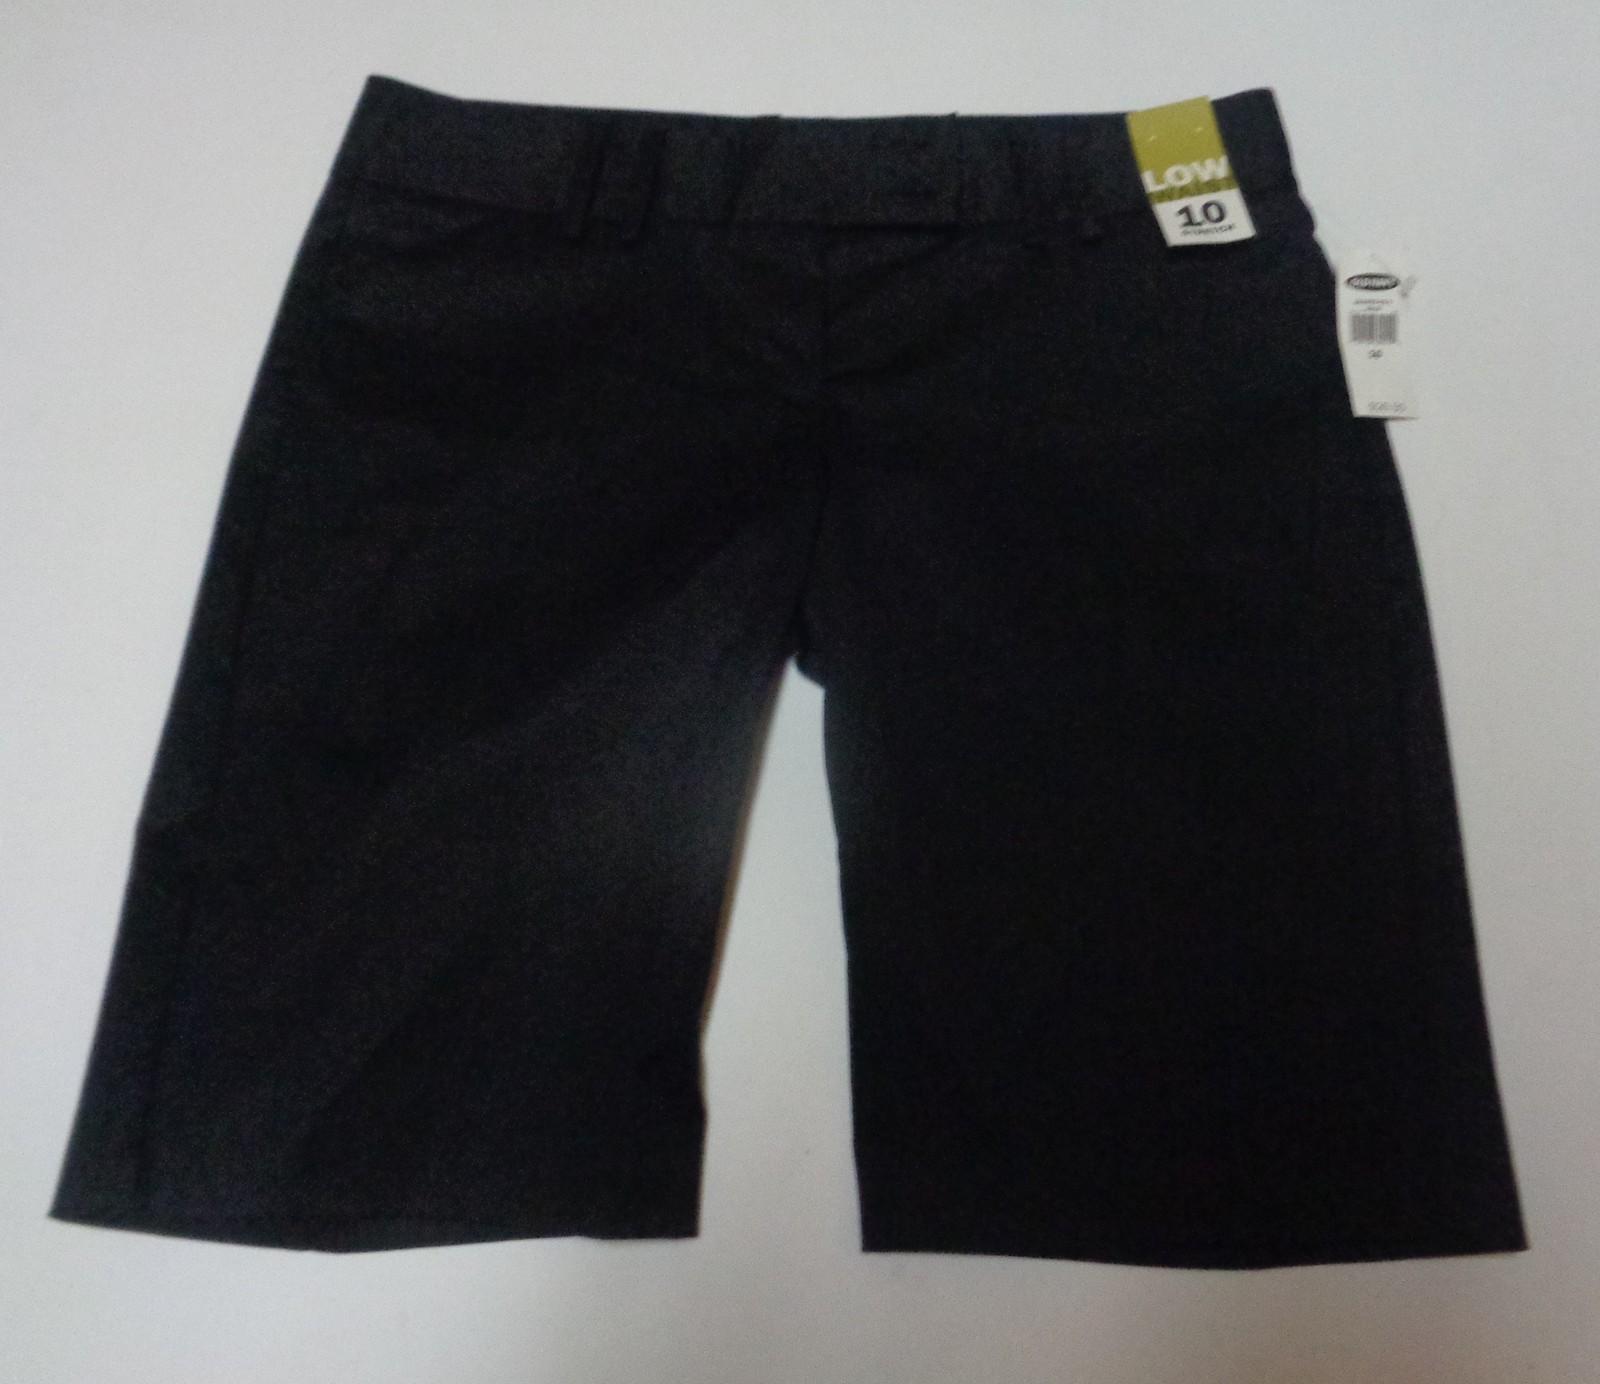 Women's Old Navy Black Shorts Stretch NWT Low Waist SZ 10